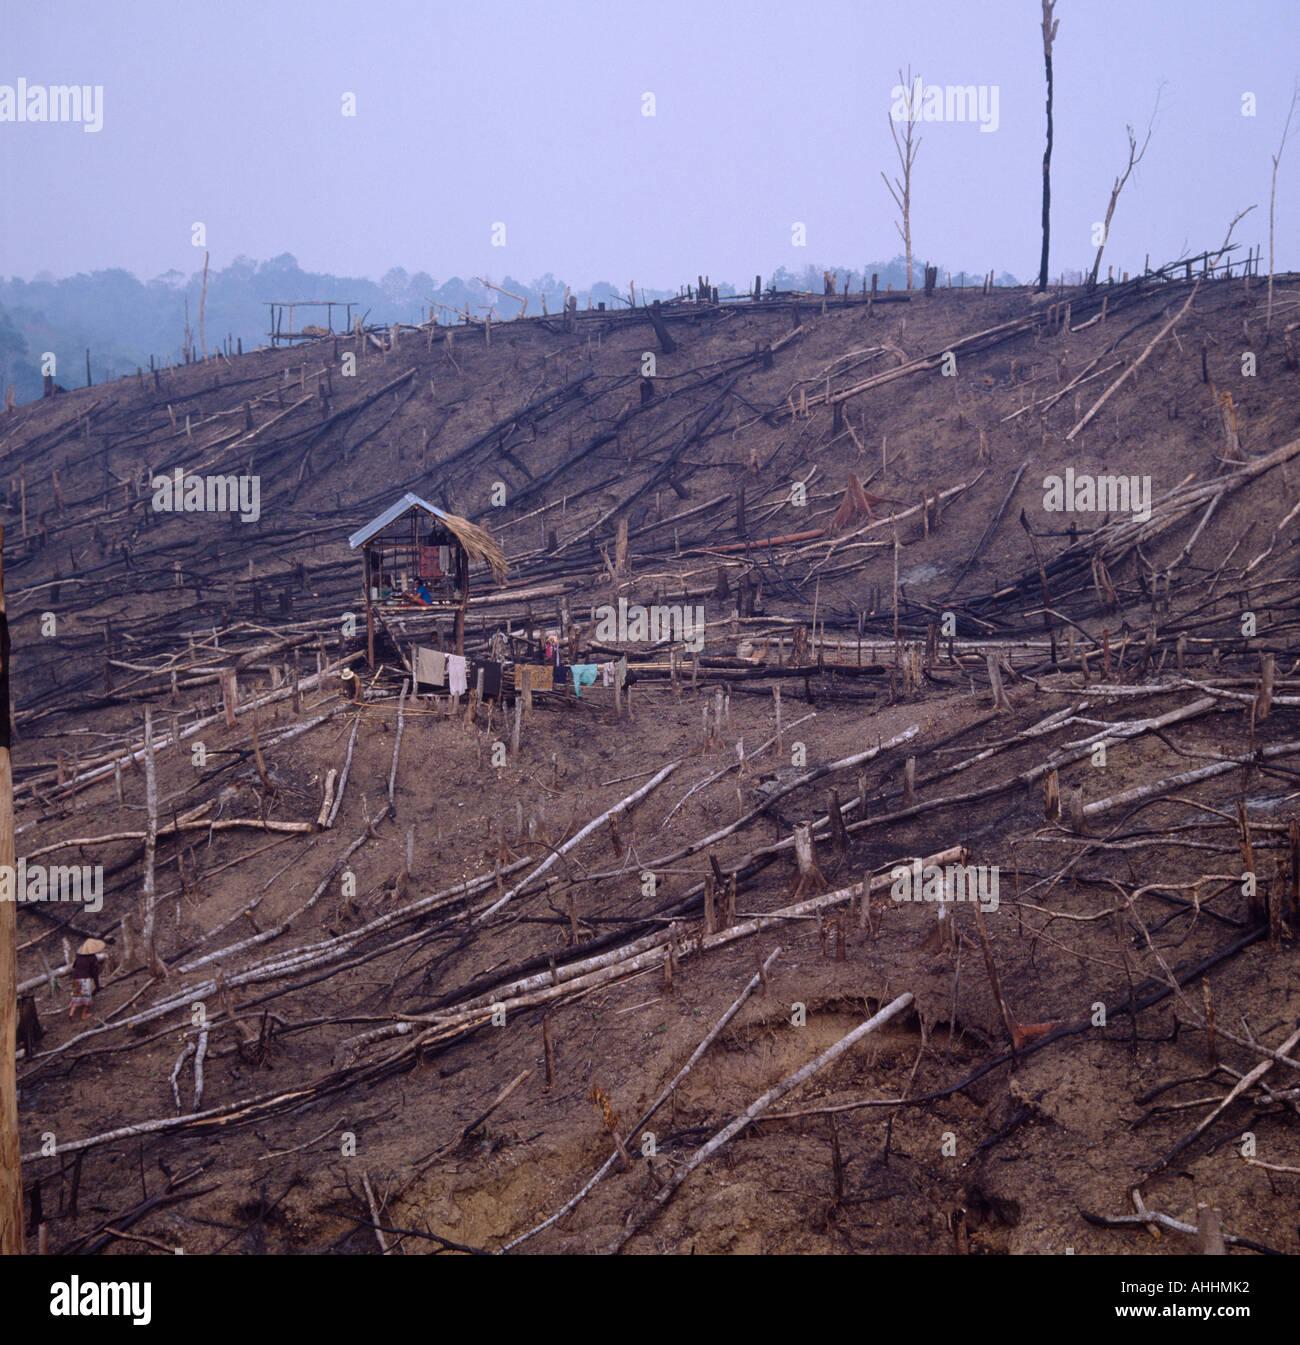 INDONESIA Asia del sud-est di Sumatra la deforestazione. Famiglia in rifugio al centro di stato eliminato di recente foresta. Immagini Stock